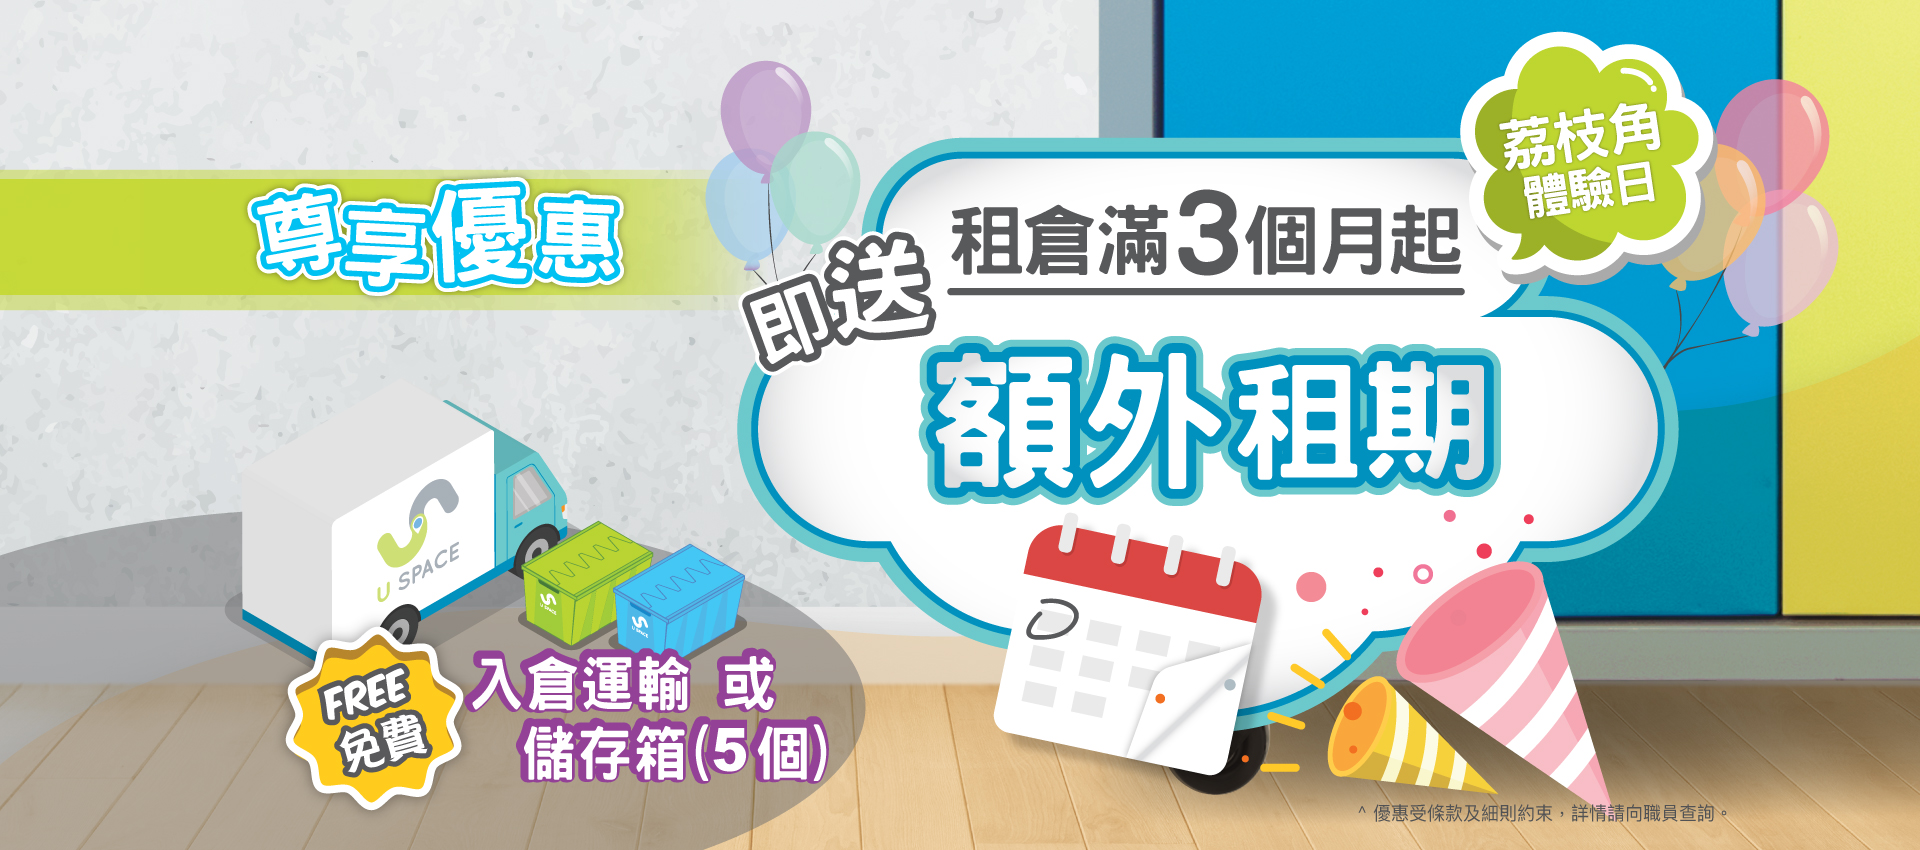 荔枝角分店體驗日:租倉滿3個月起即送額外租期